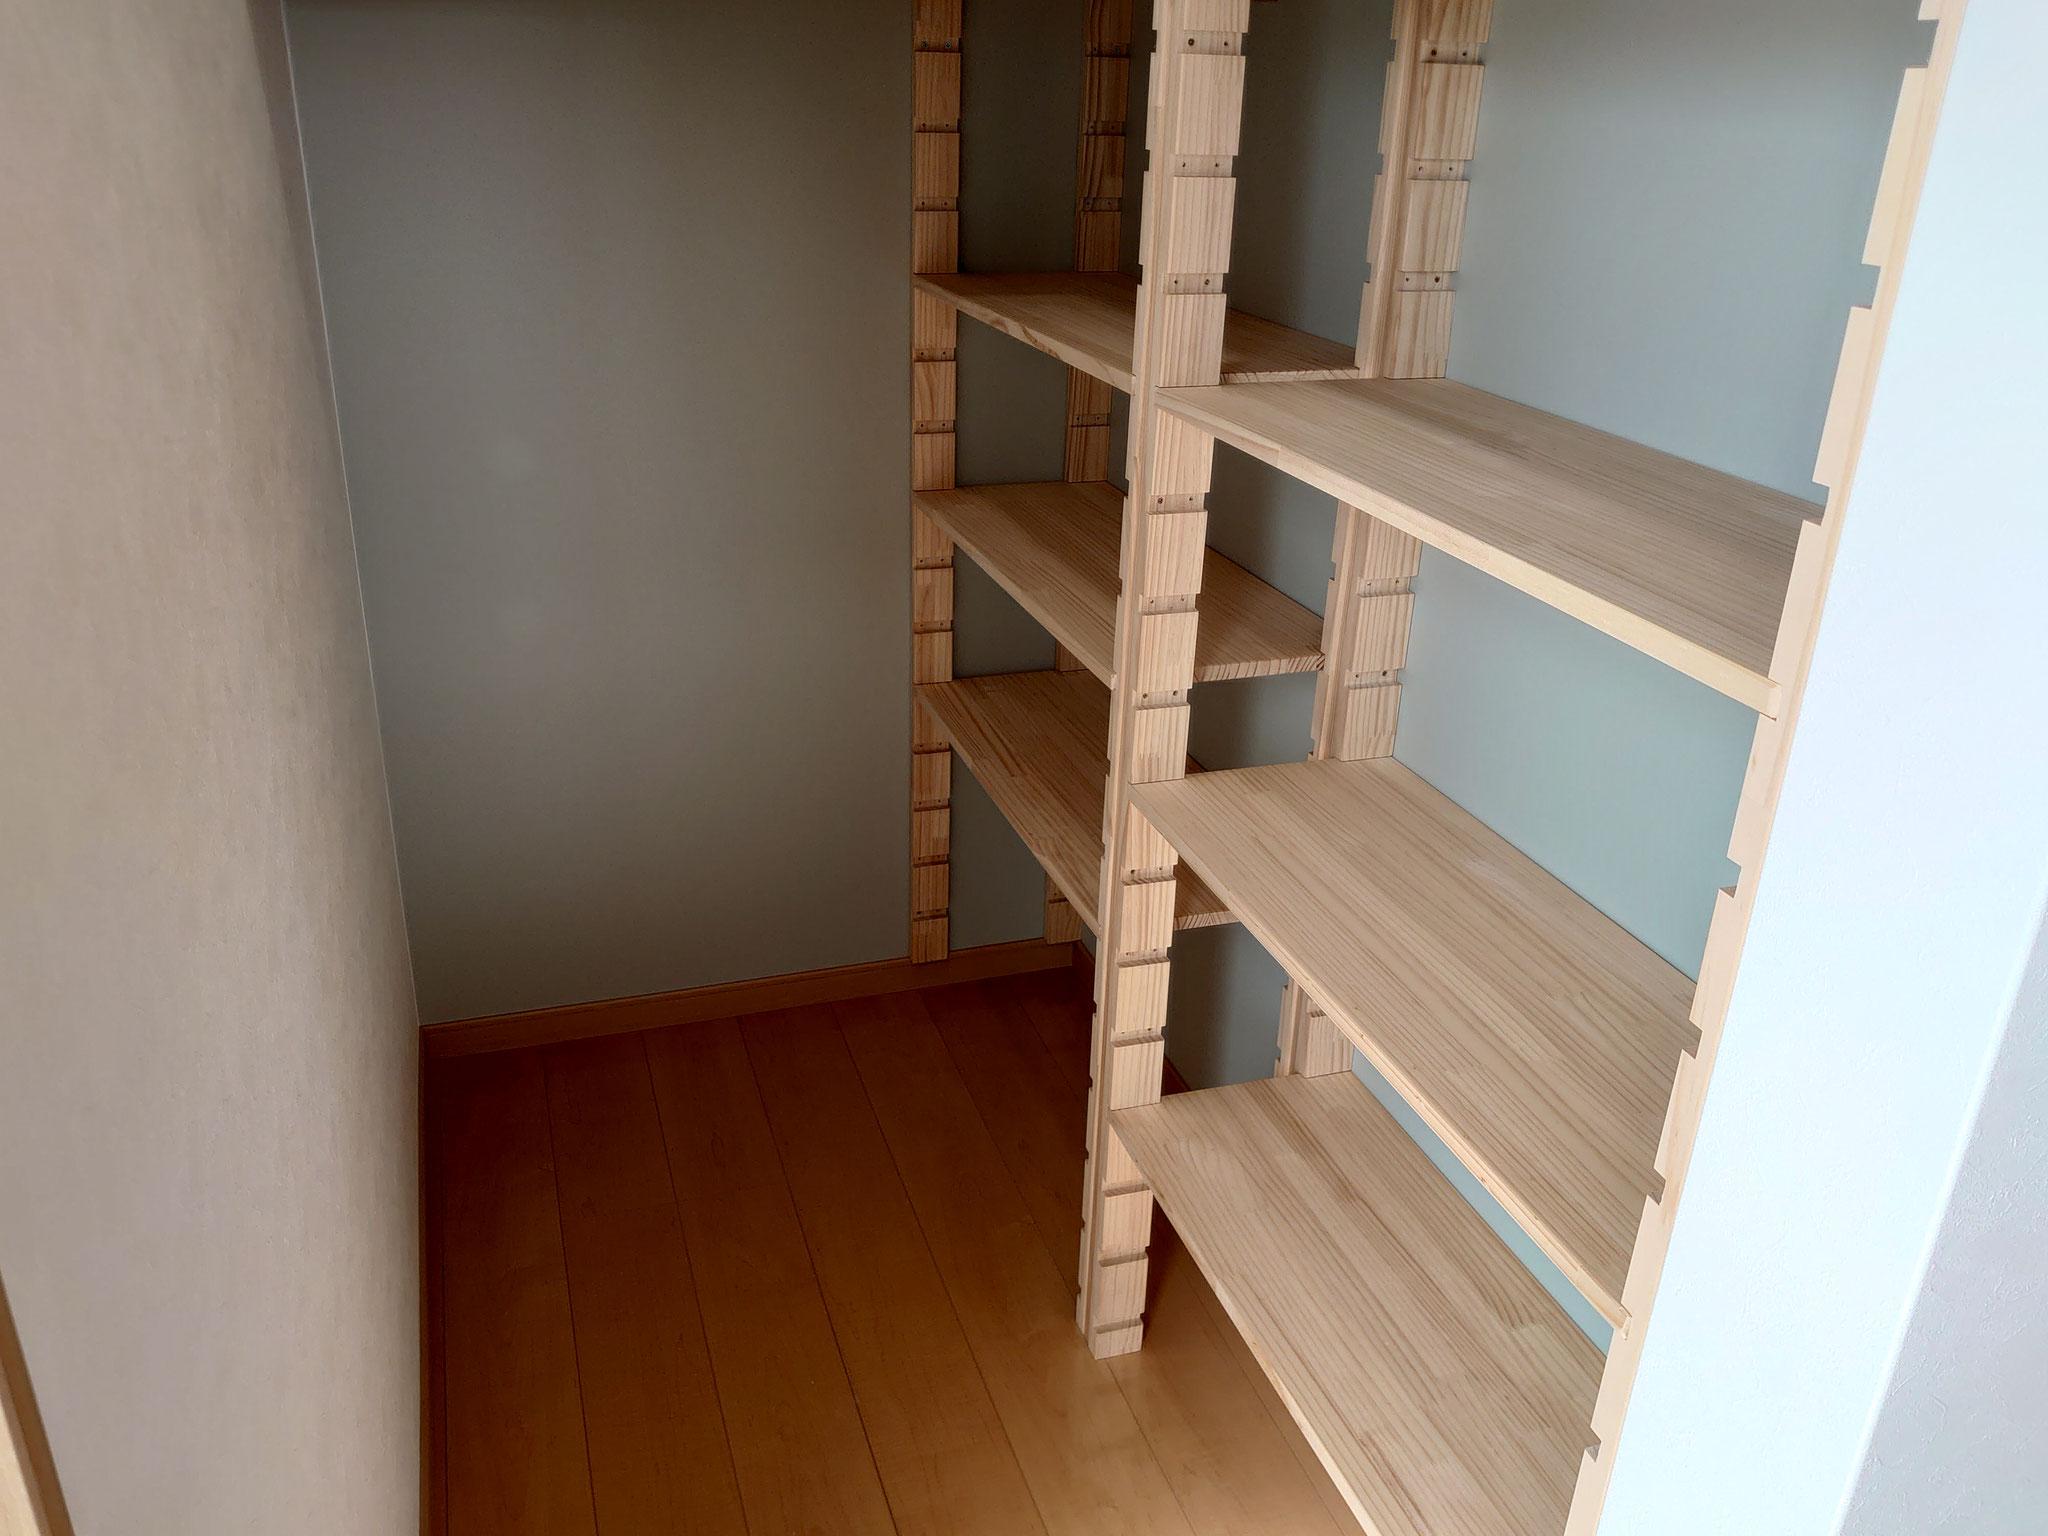 パントリーの棚は状況によって変えられる可動棚です。